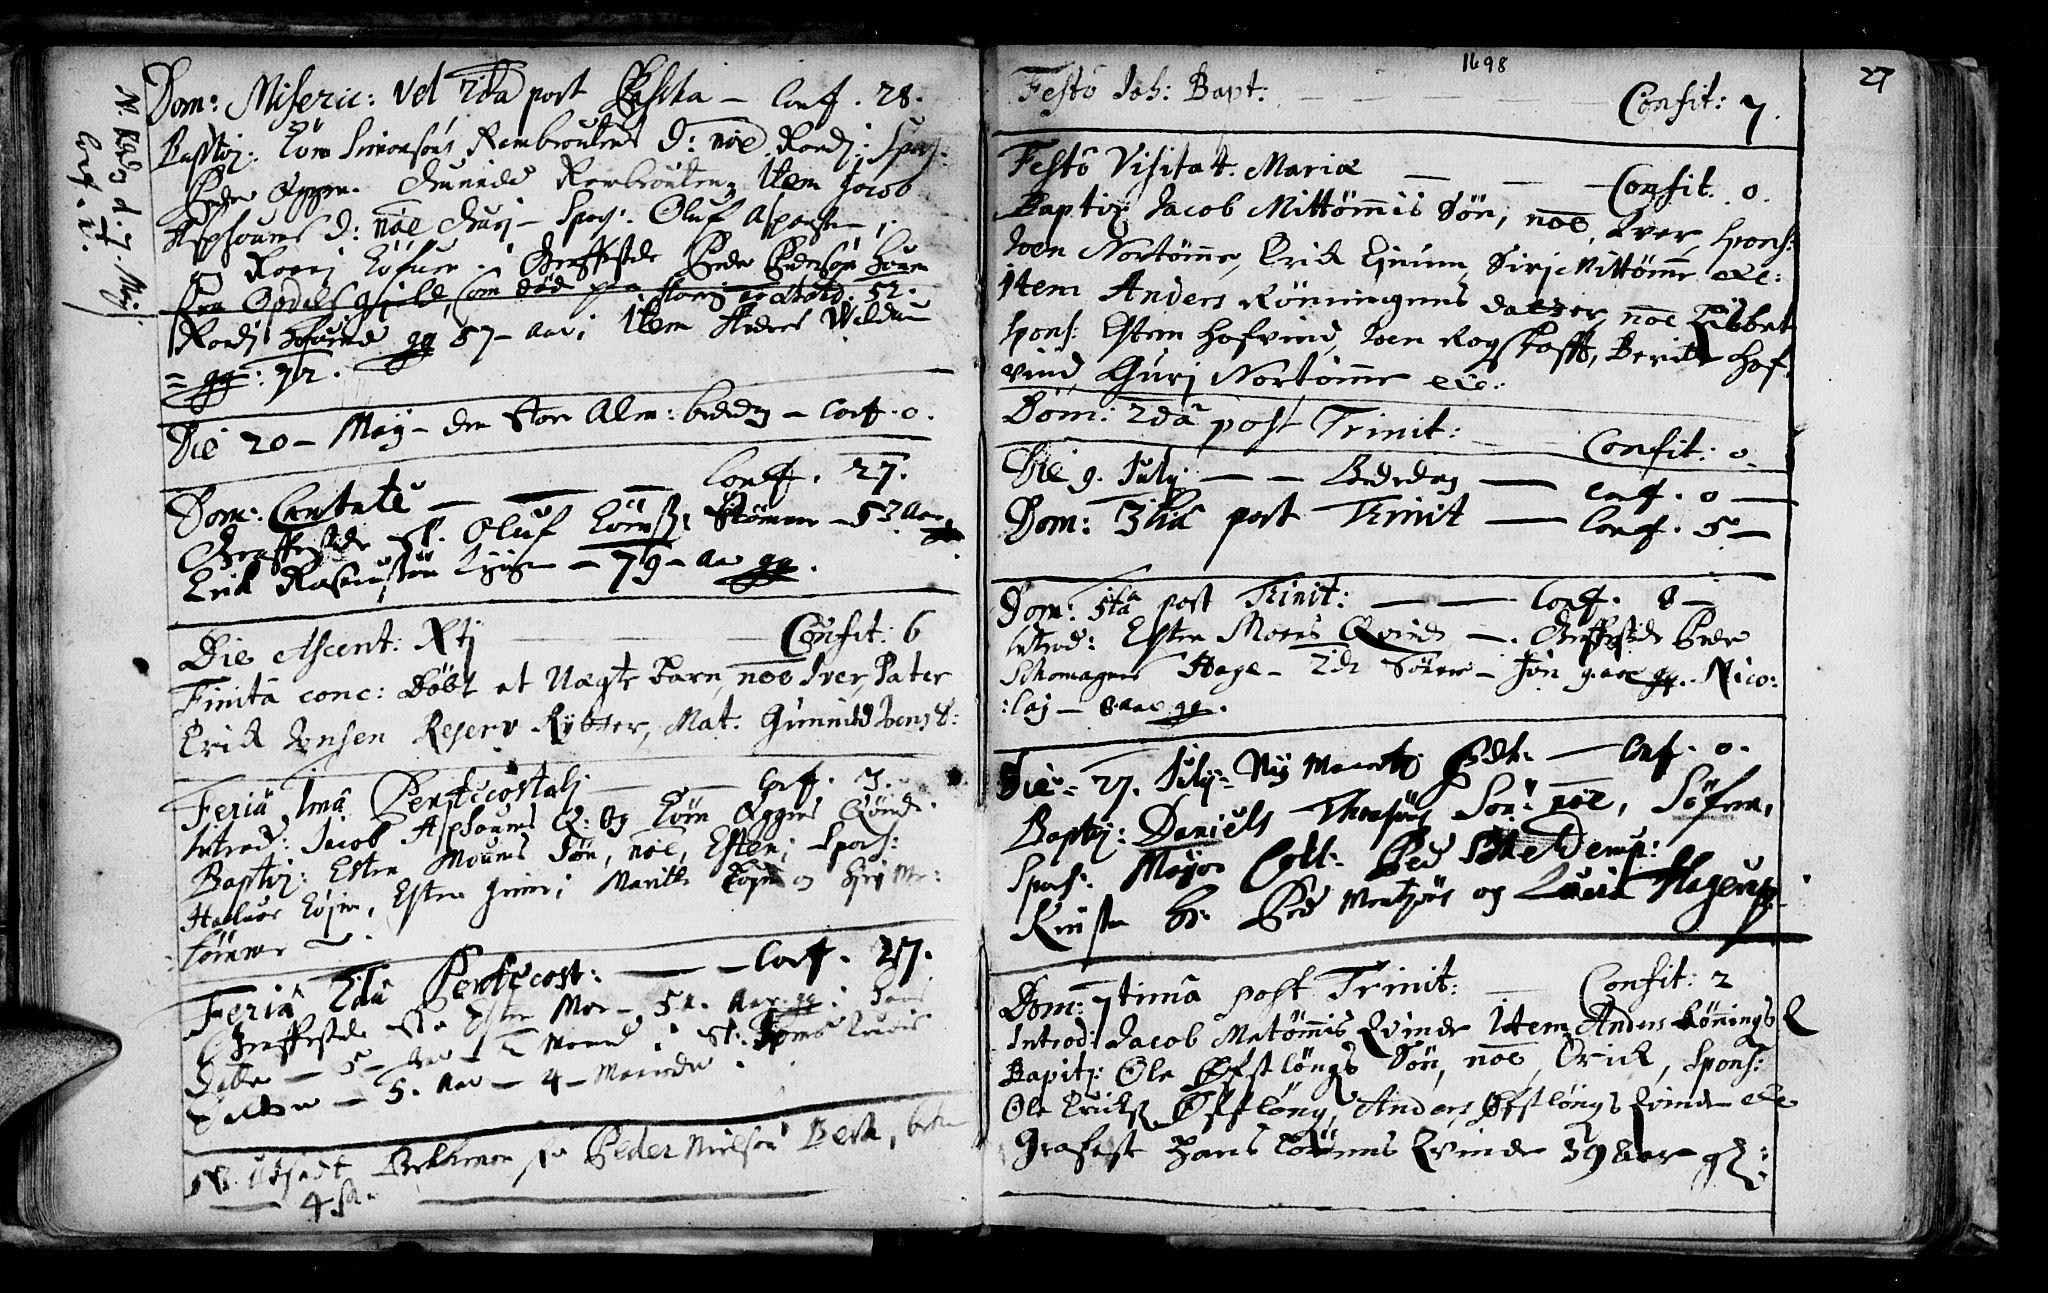 SAT, Ministerialprotokoller, klokkerbøker og fødselsregistre - Sør-Trøndelag, 692/L1101: Ministerialbok nr. 692A01, 1690-1746, s. 27